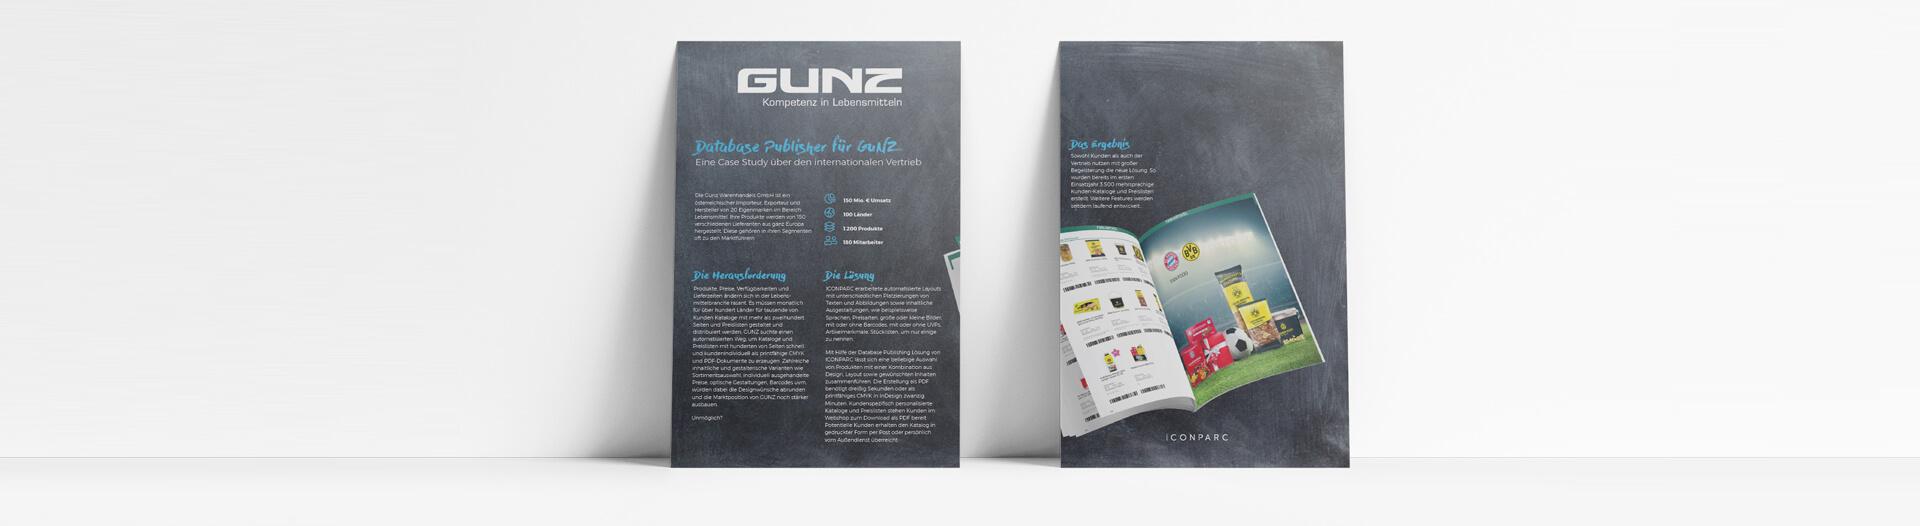 ICONPARC Case Study GUNZ Database Publishing